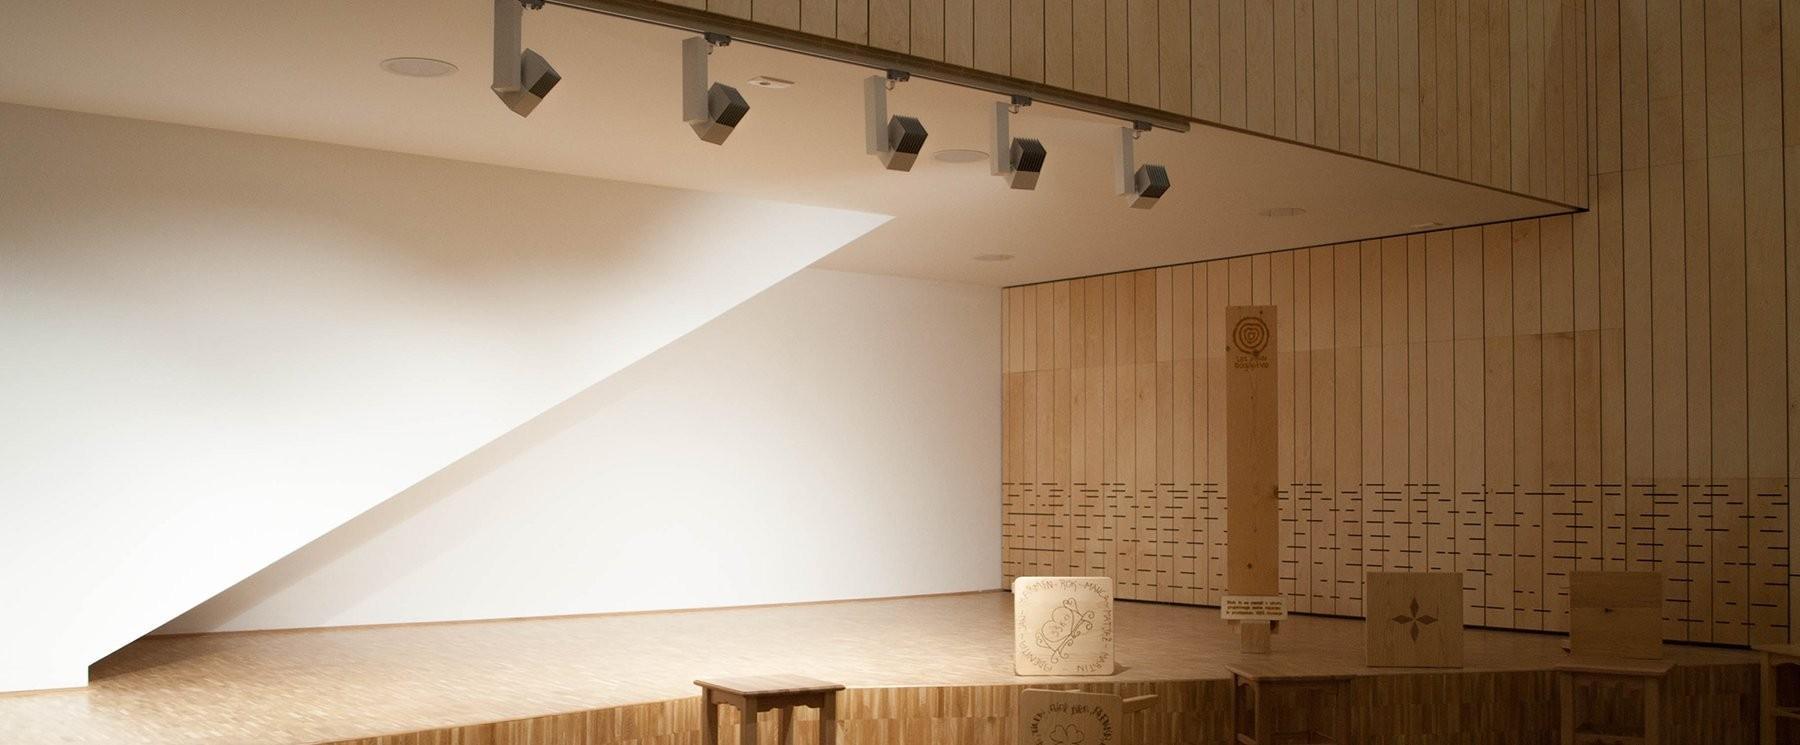 Zelo priljubljena izbira pri notranjih svetilih so danes svetila na senzor